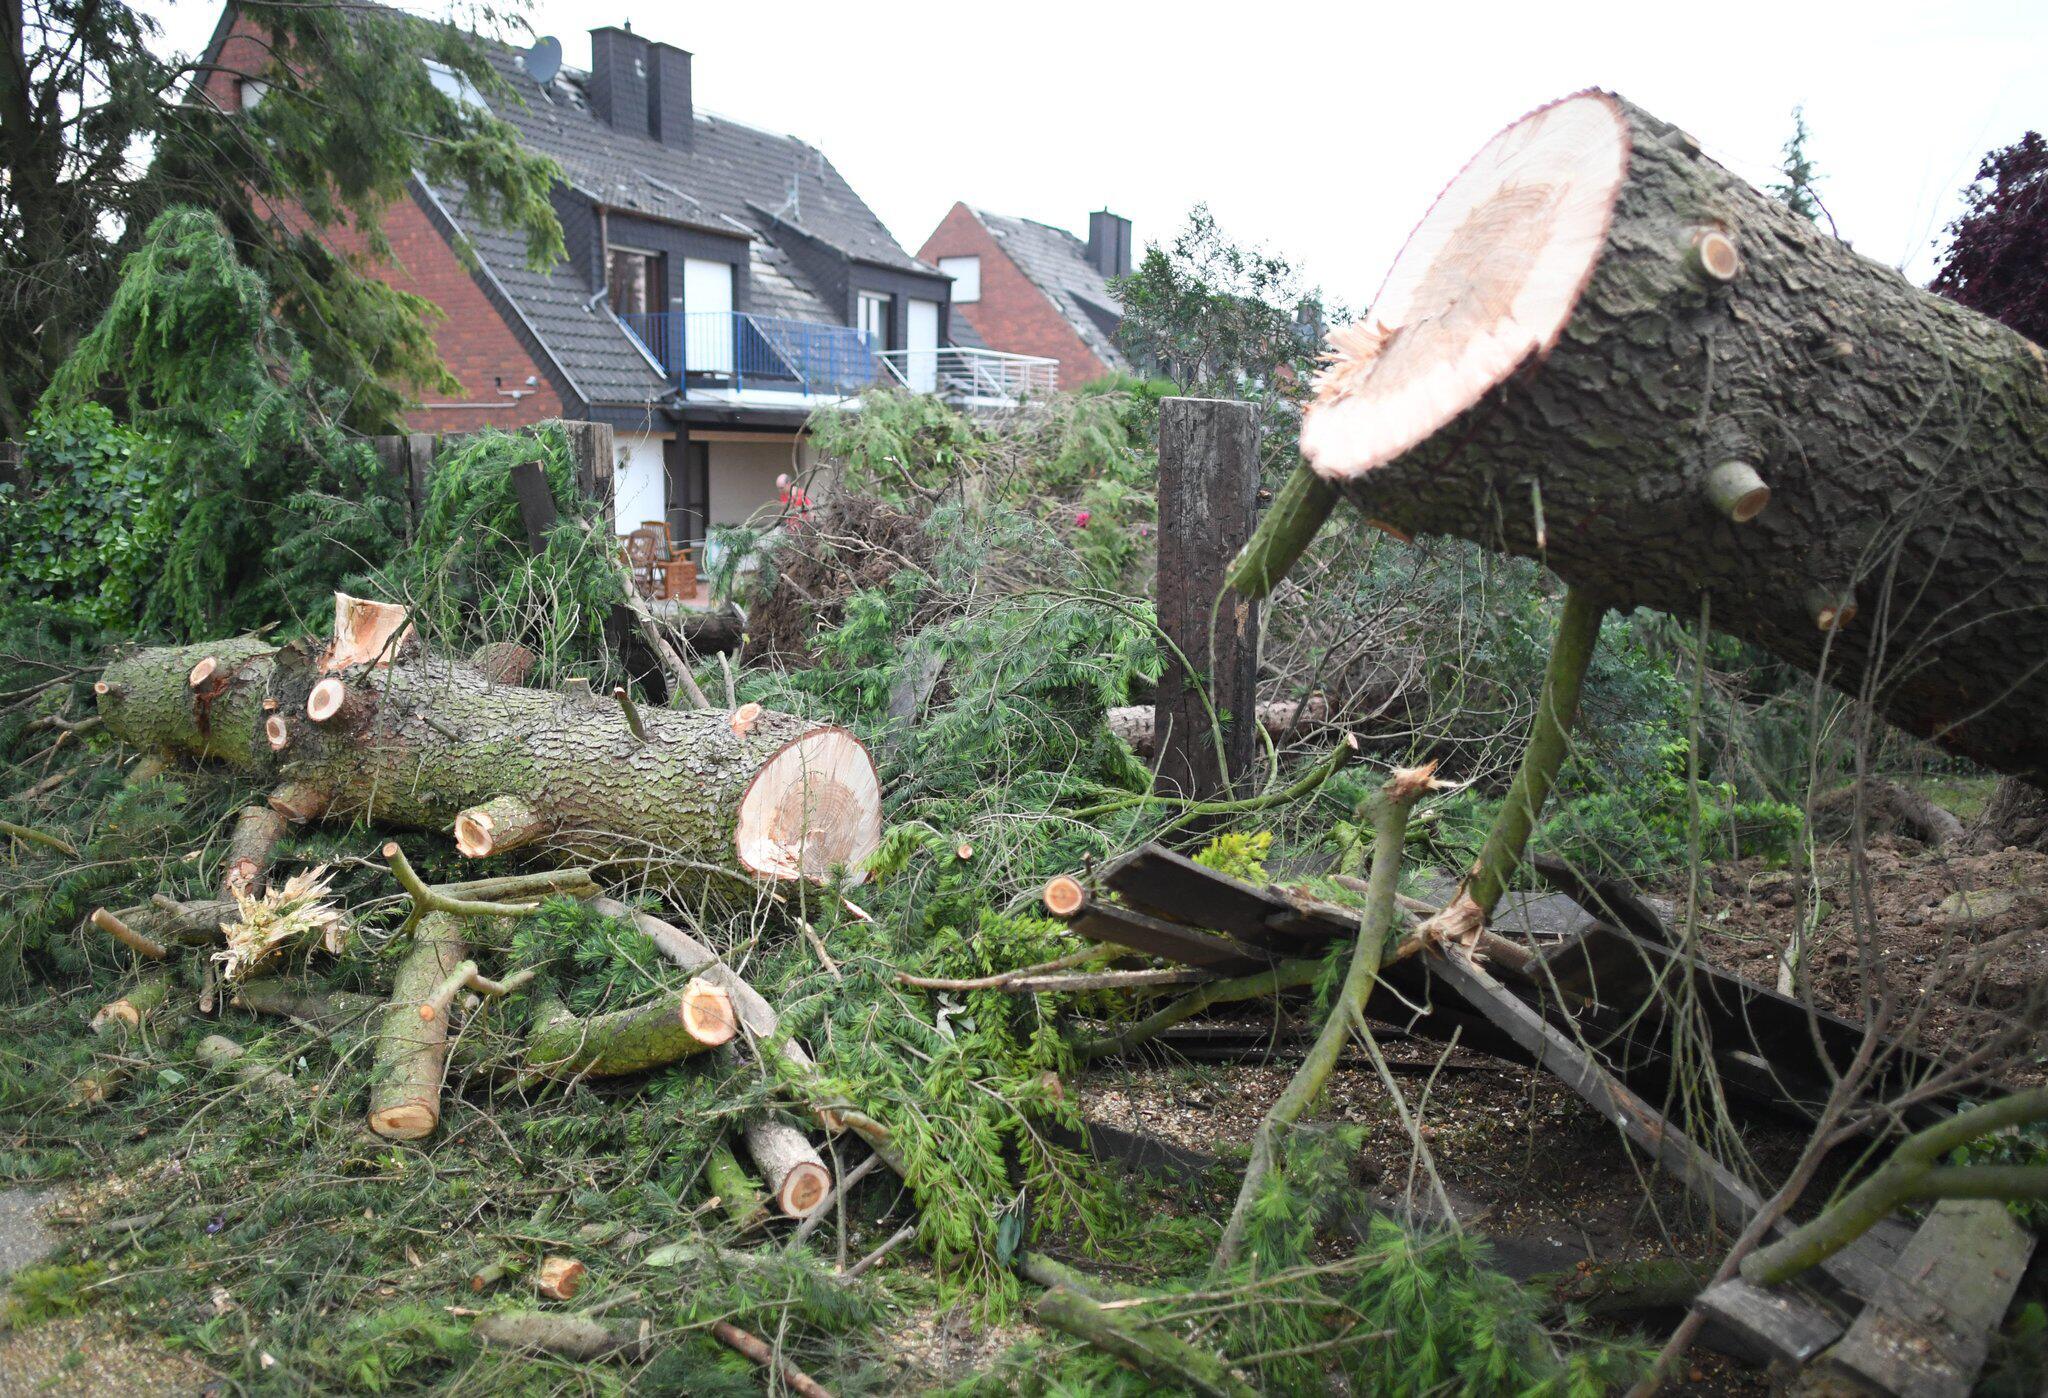 Bild zu Wirbelsturm, Niederrhein, Viersen,, Boisheim, Haus, Baum